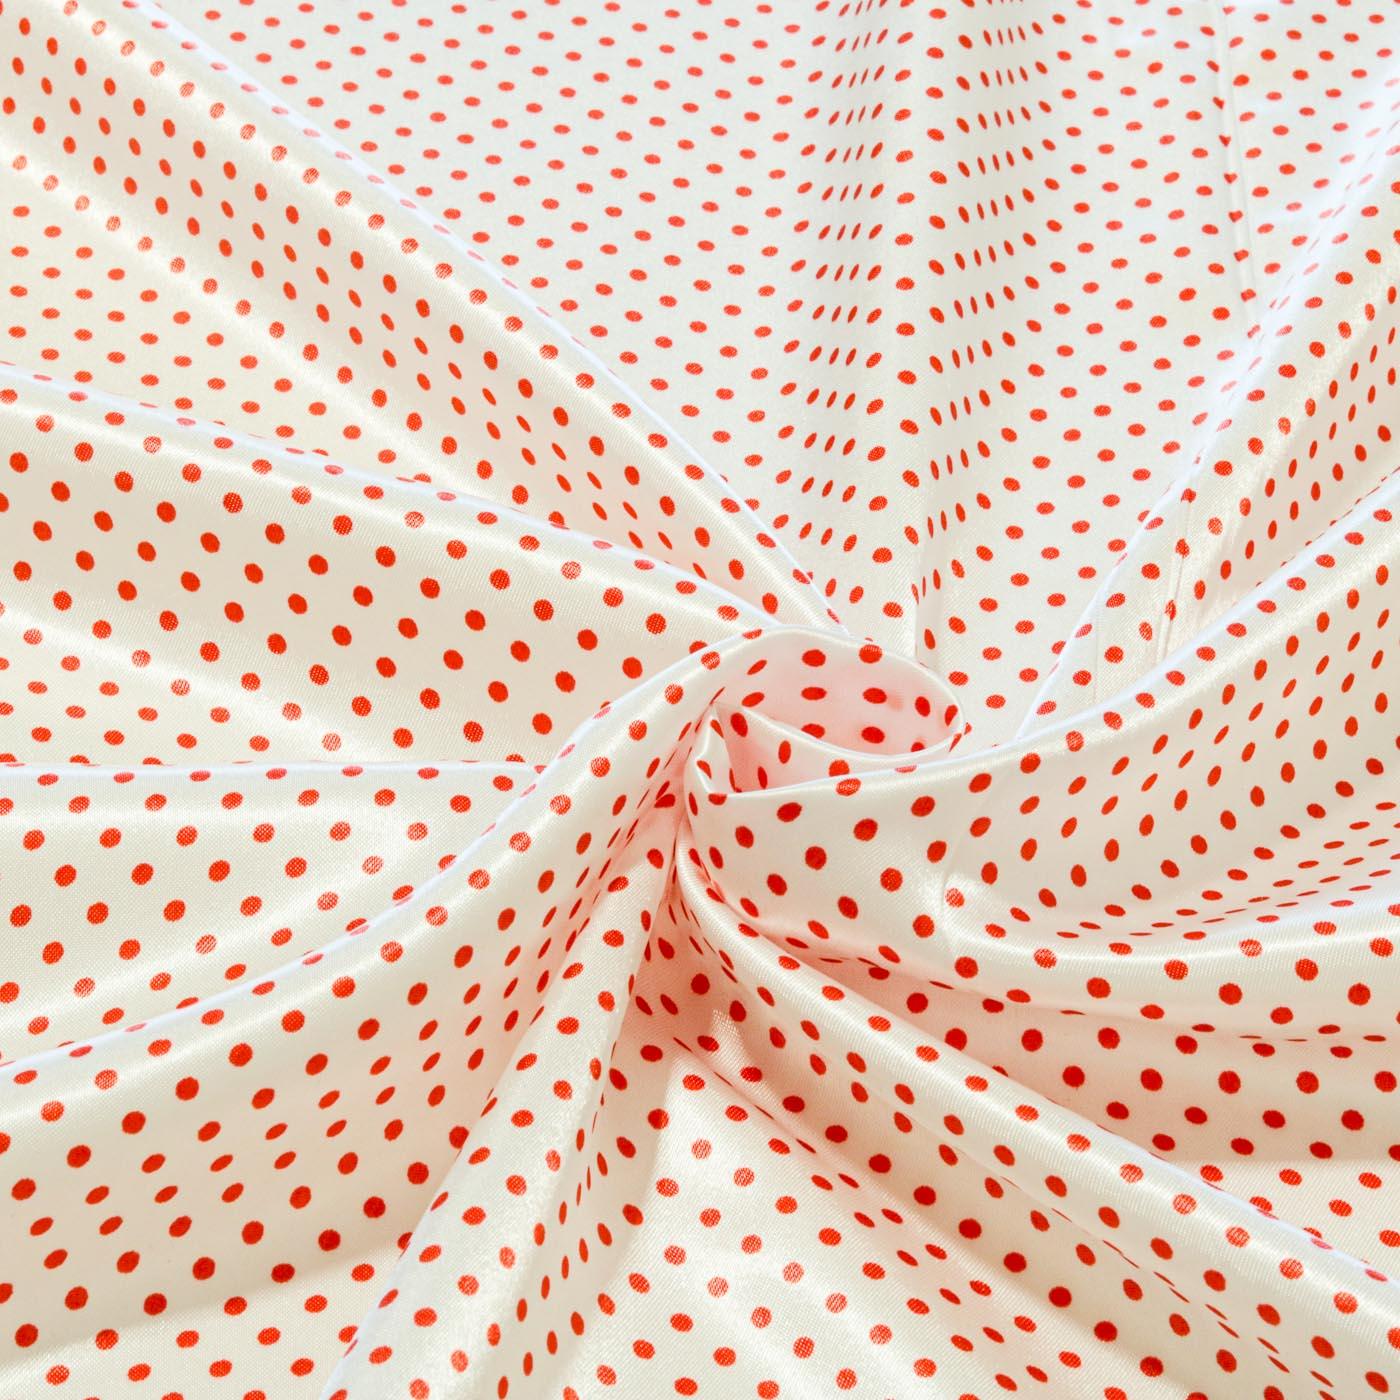 Tecido Cetim Estampado Poa Bolinha 1,40m Largura Vermelho